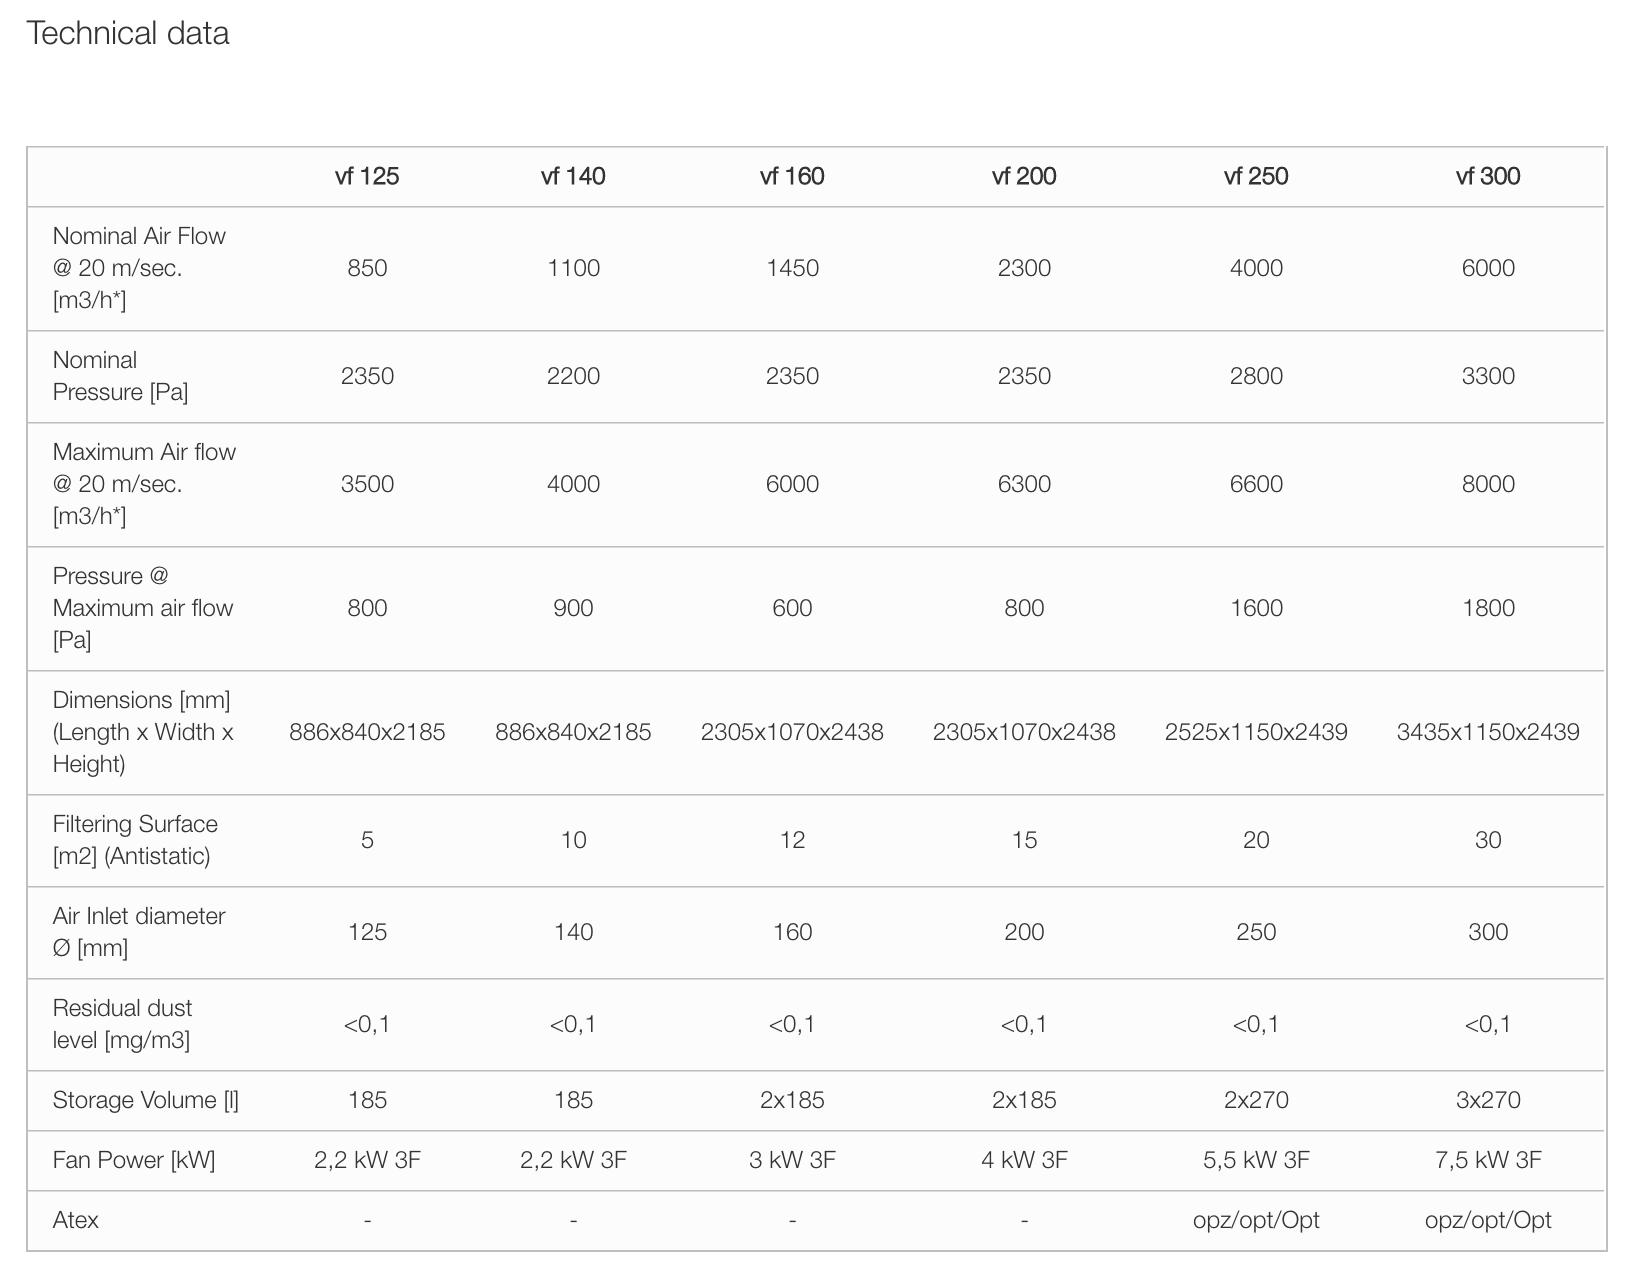 technical data for formula vf